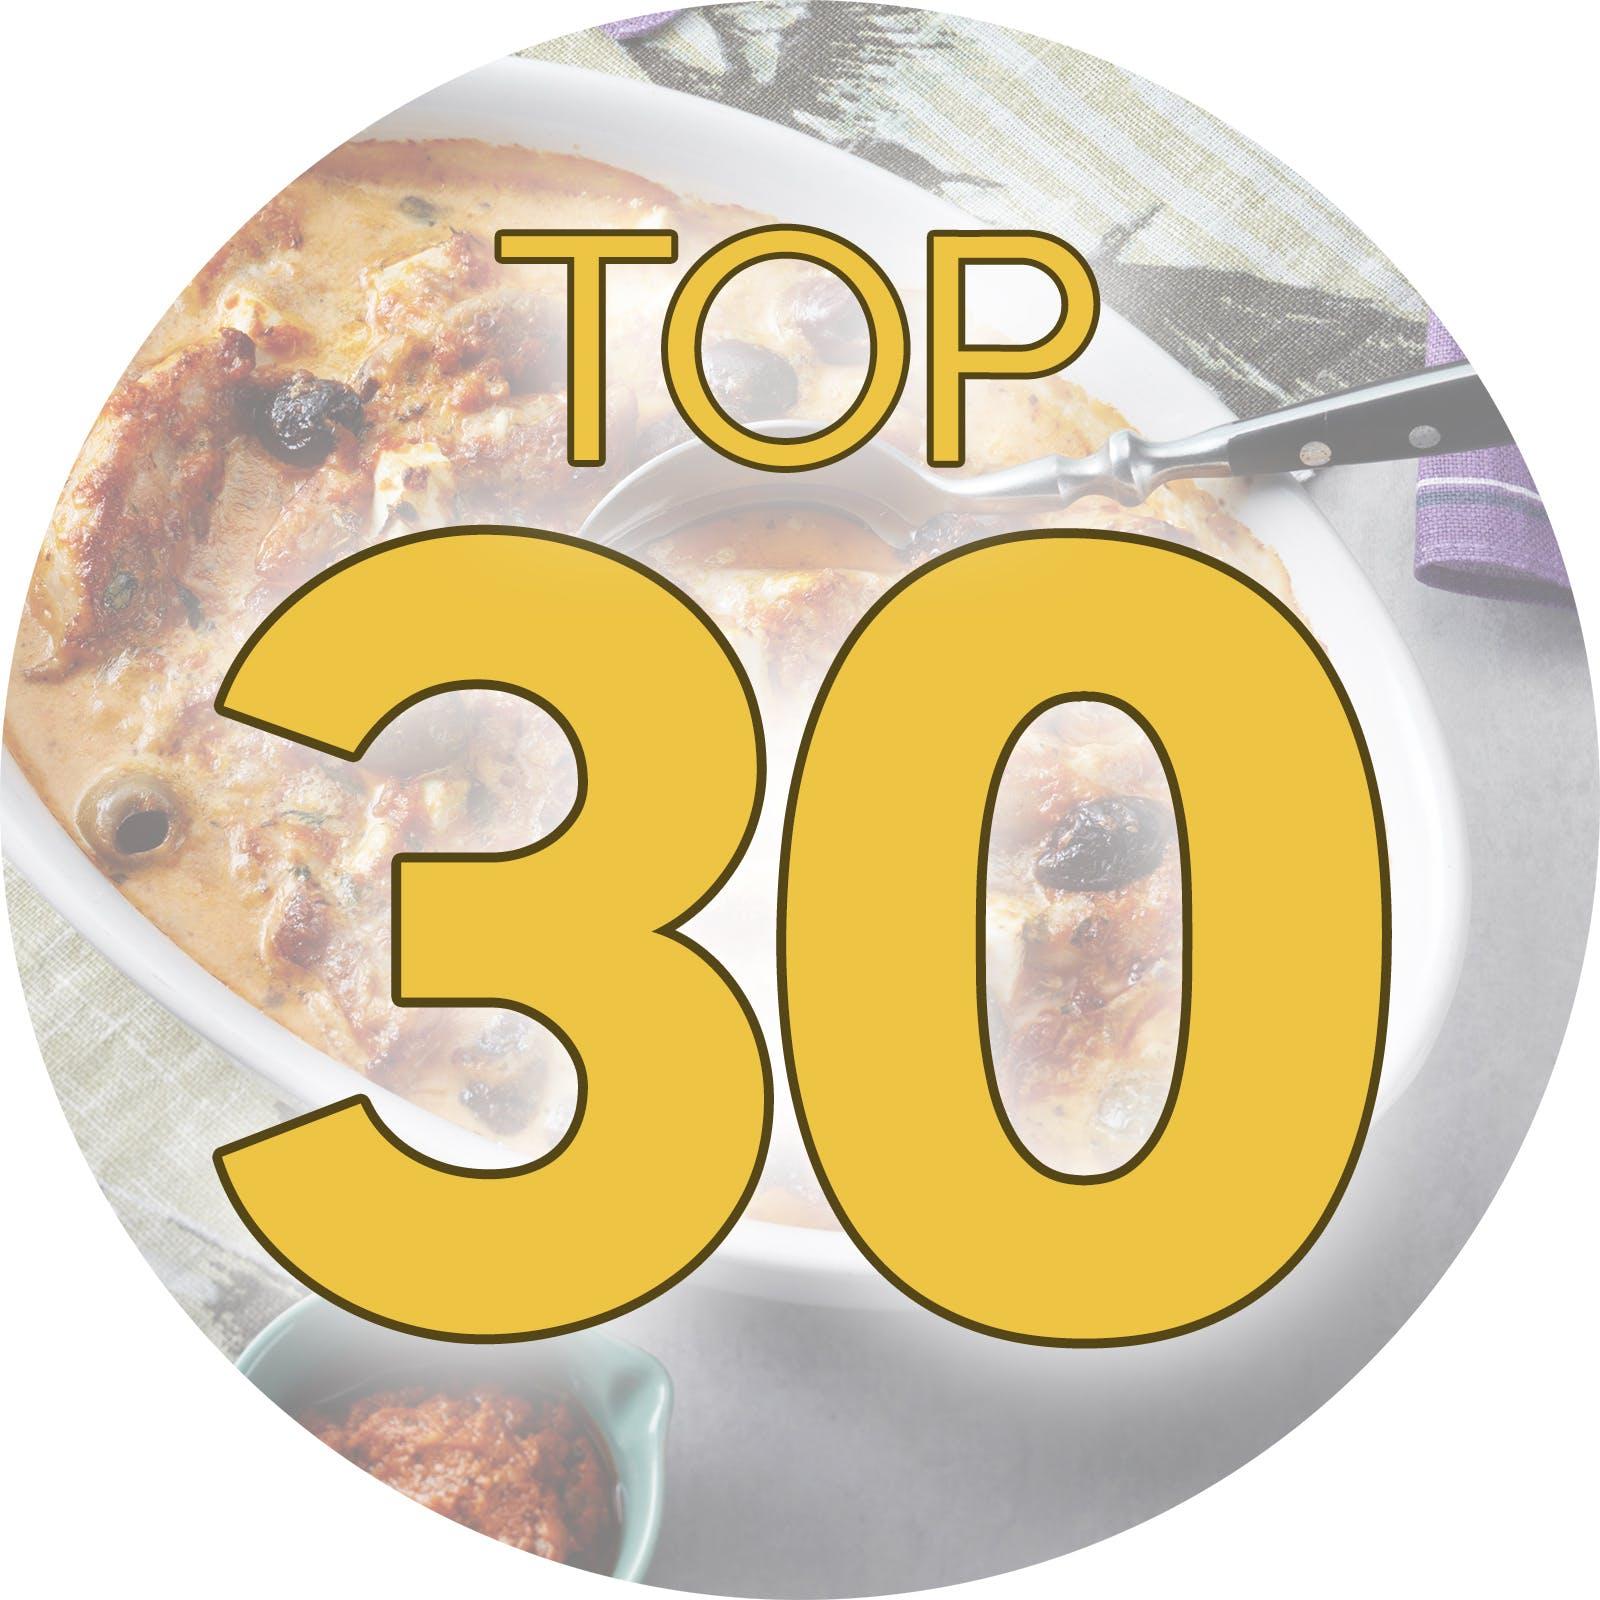 Top30-1600Meals